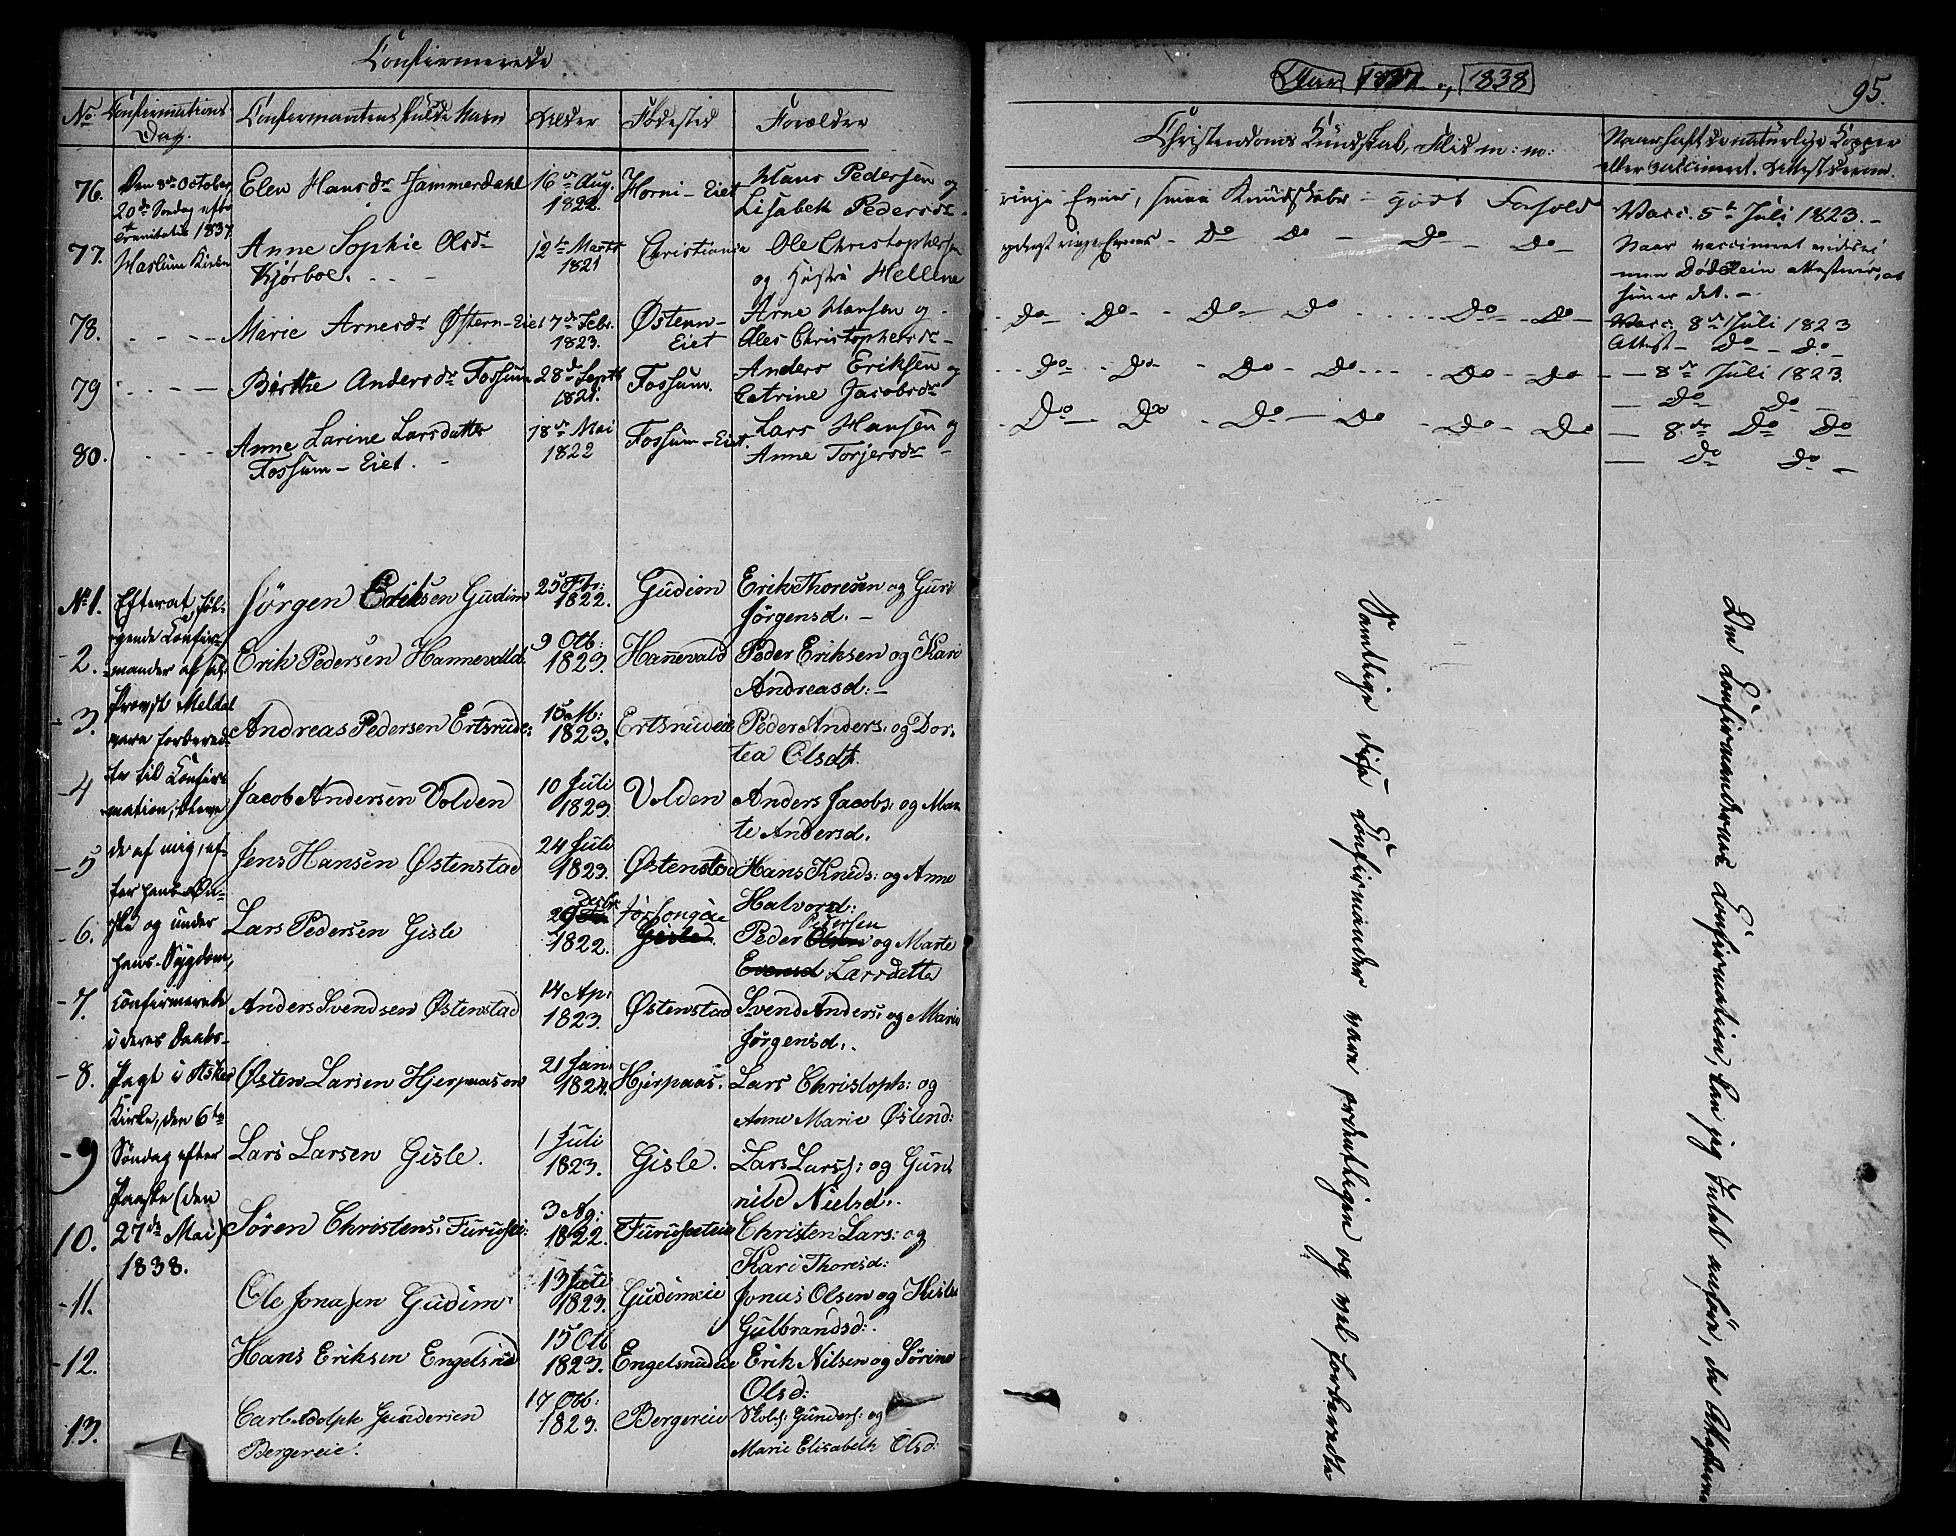 SAO, Asker prestekontor Kirkebøker, F/Fa/L0009: Ministerialbok nr. I 9, 1825-1878, s. 95